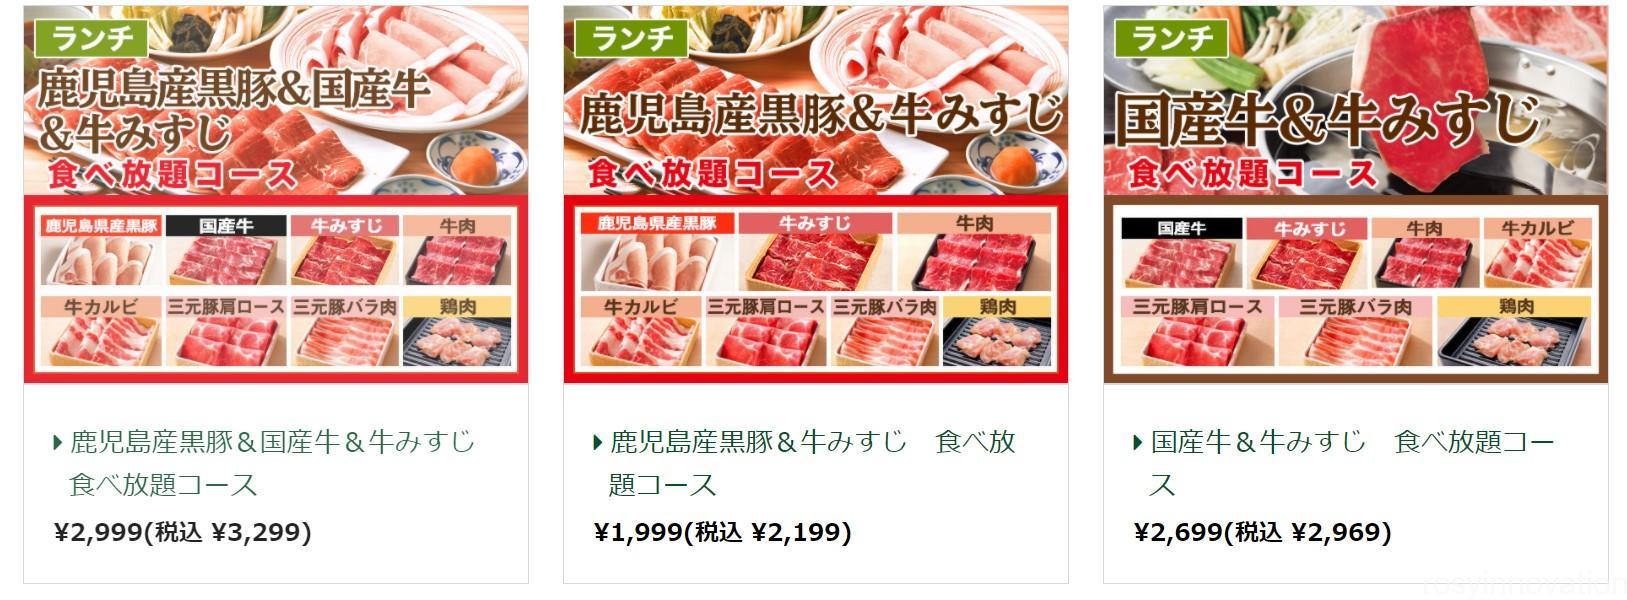 しゃぶ葉倉敷店の食べ放題料金 (1)